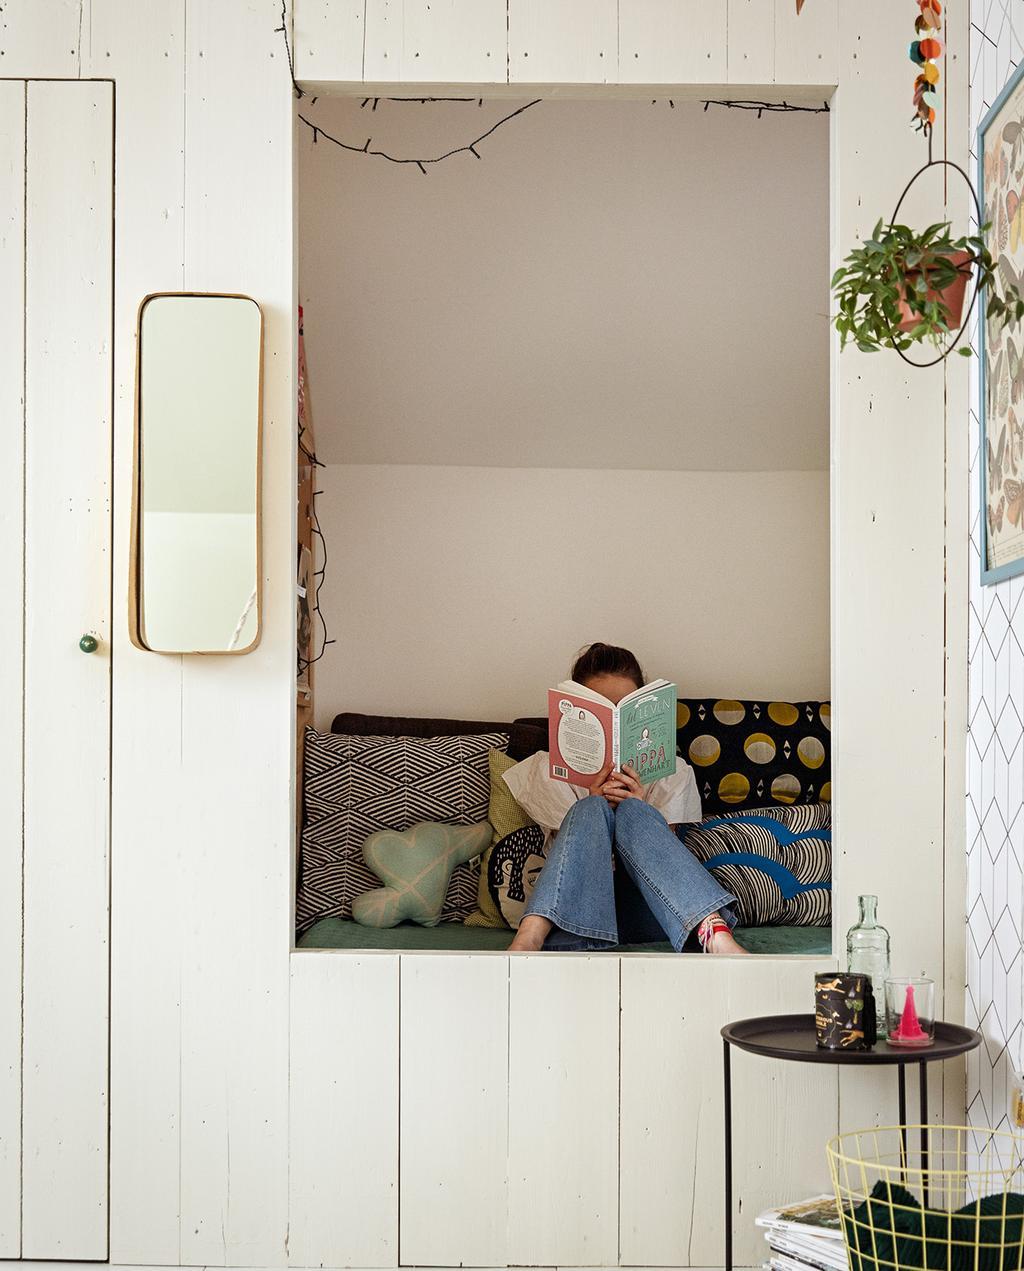 vtwonen 03-2021 | lezend meisje in ingebouwde kast